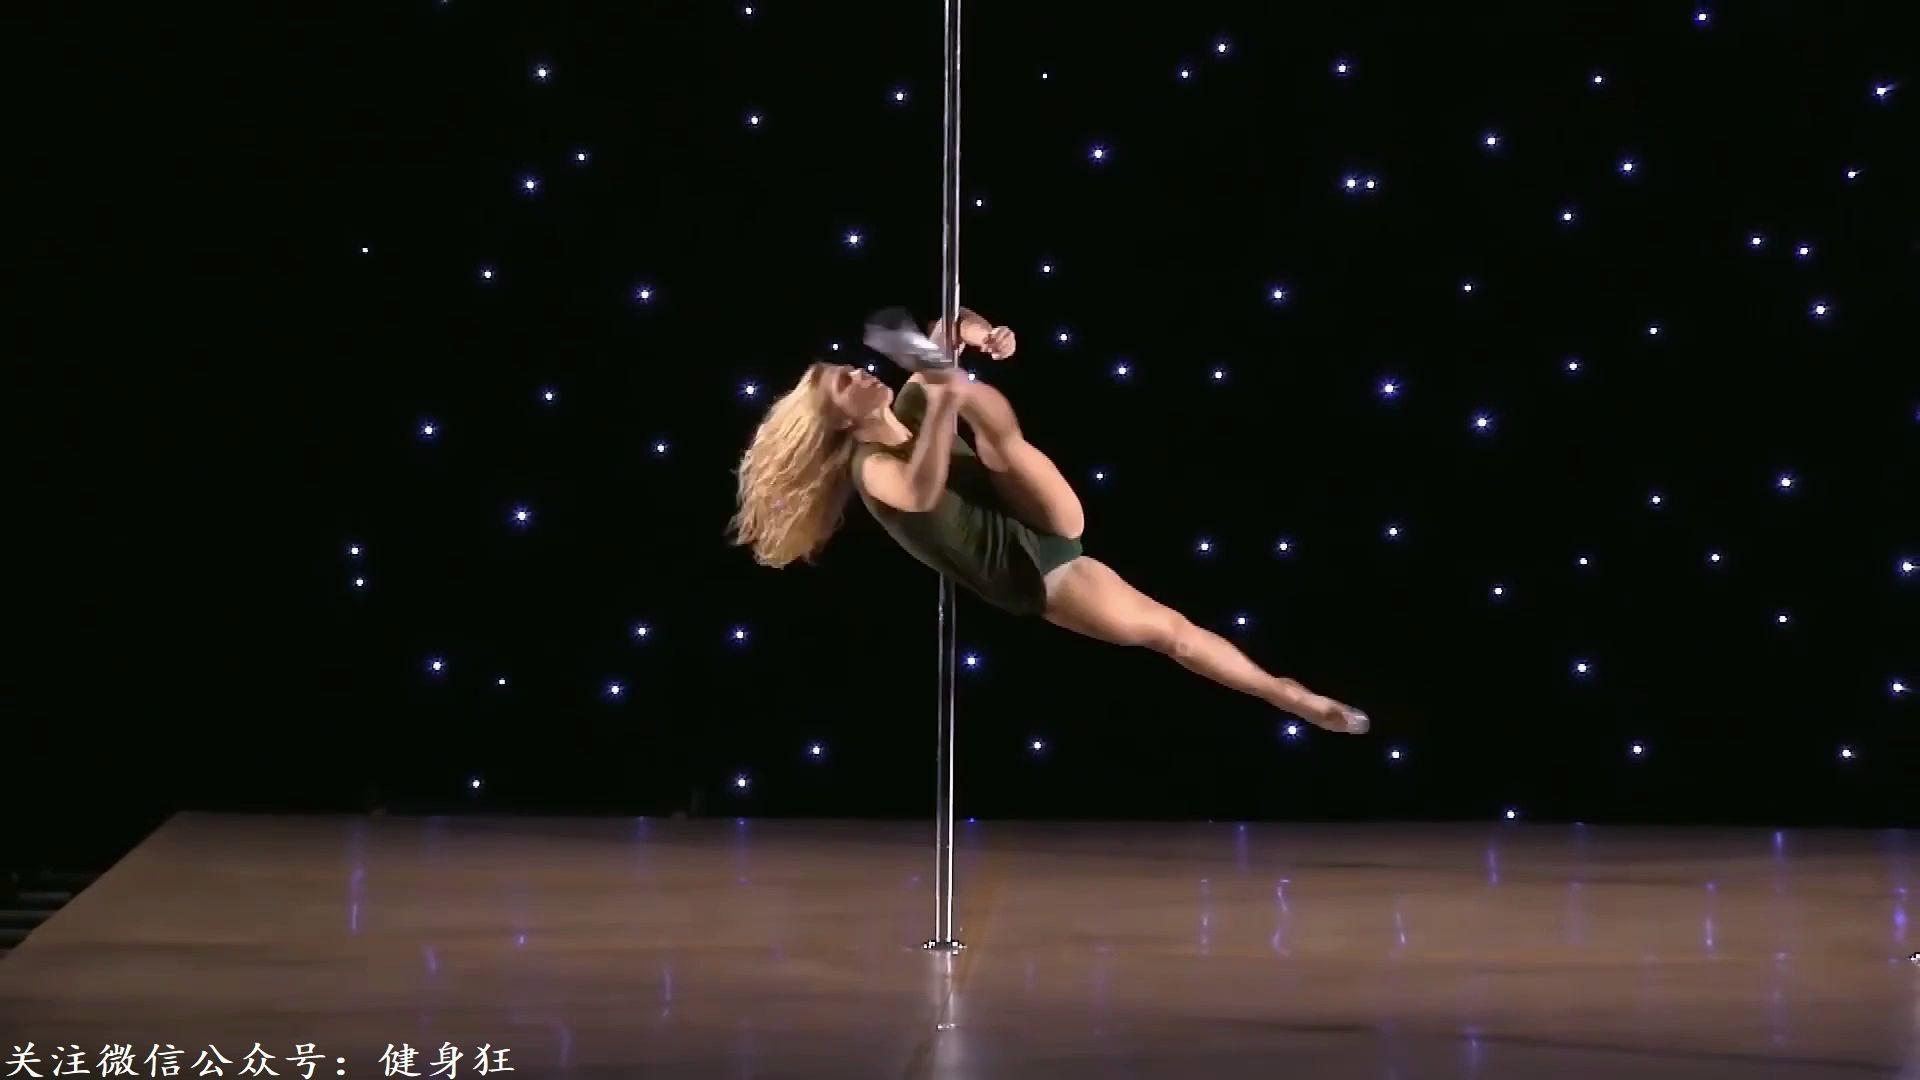 【健身福利】小姐姐在线教程:钢管舞慢镜动作